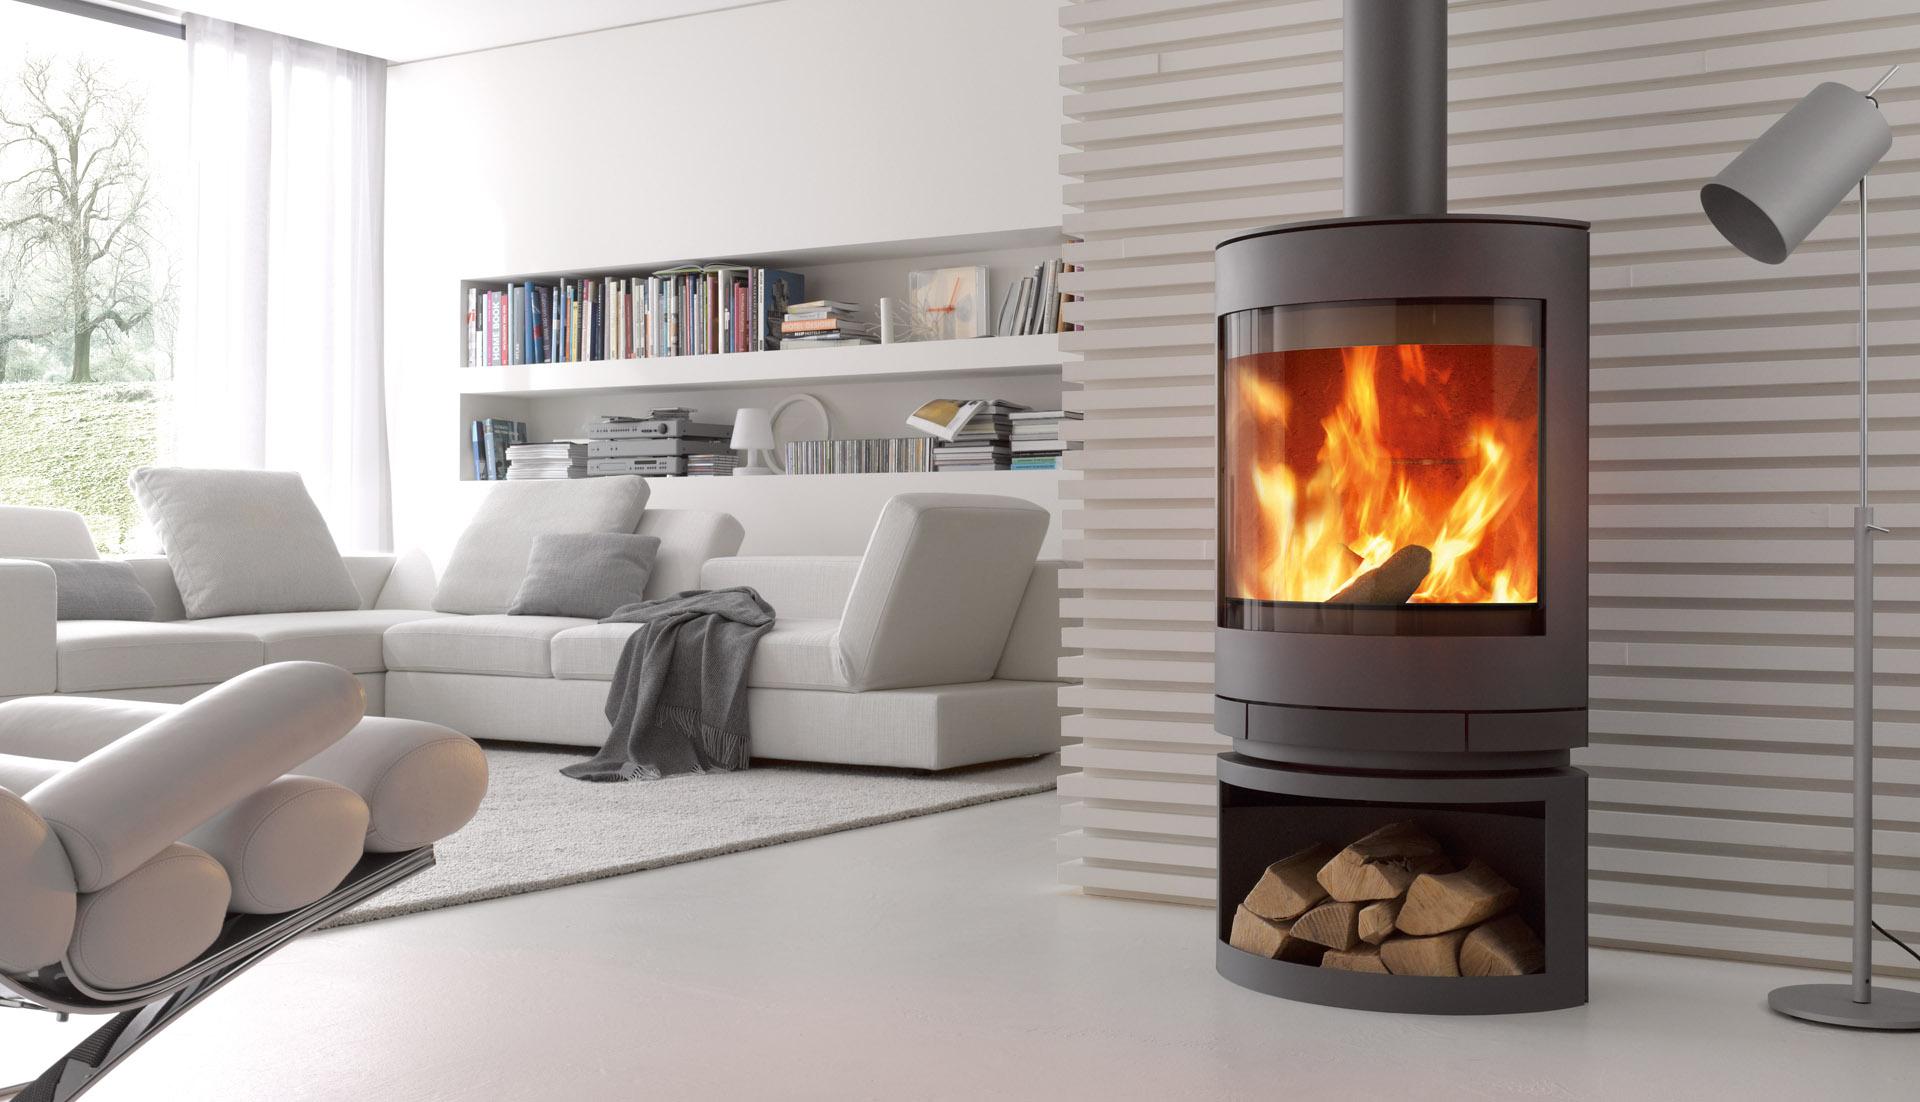 kamin fen bei kaminbau stegemann die f hrenden marken im angebot. Black Bedroom Furniture Sets. Home Design Ideas